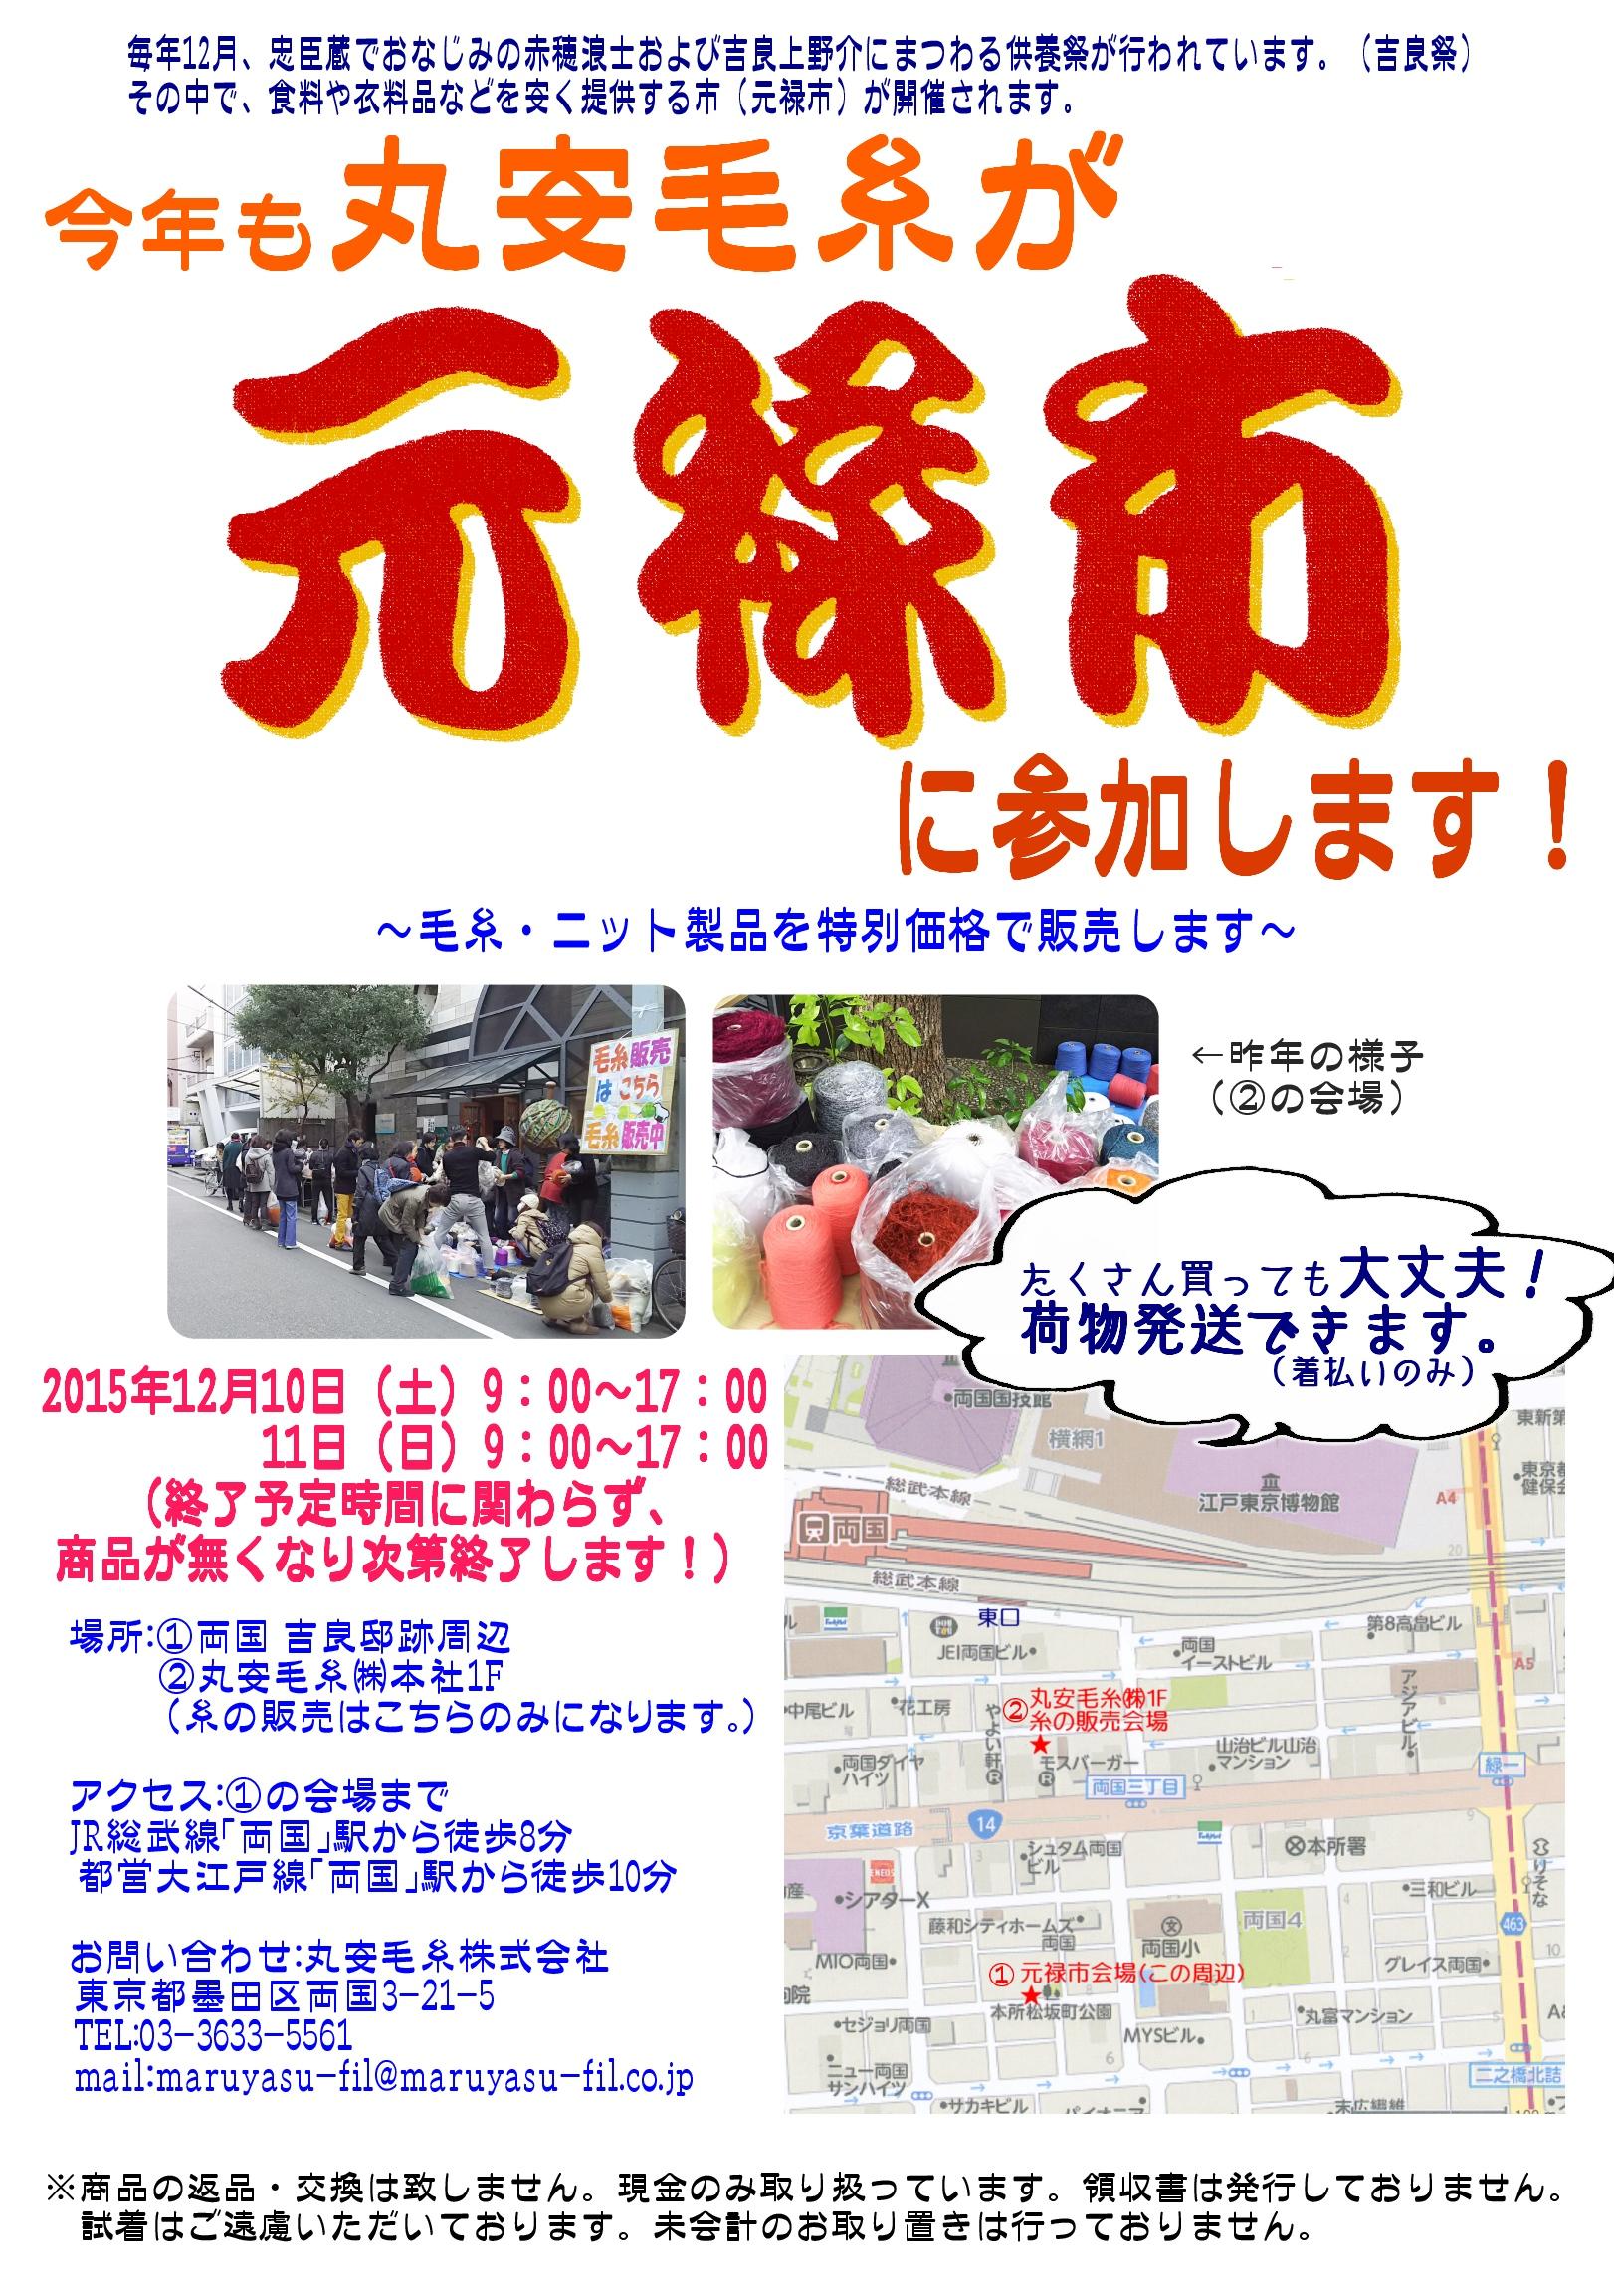 今年もプロ仕様の糸が格安で買える!元禄市のお知らせ